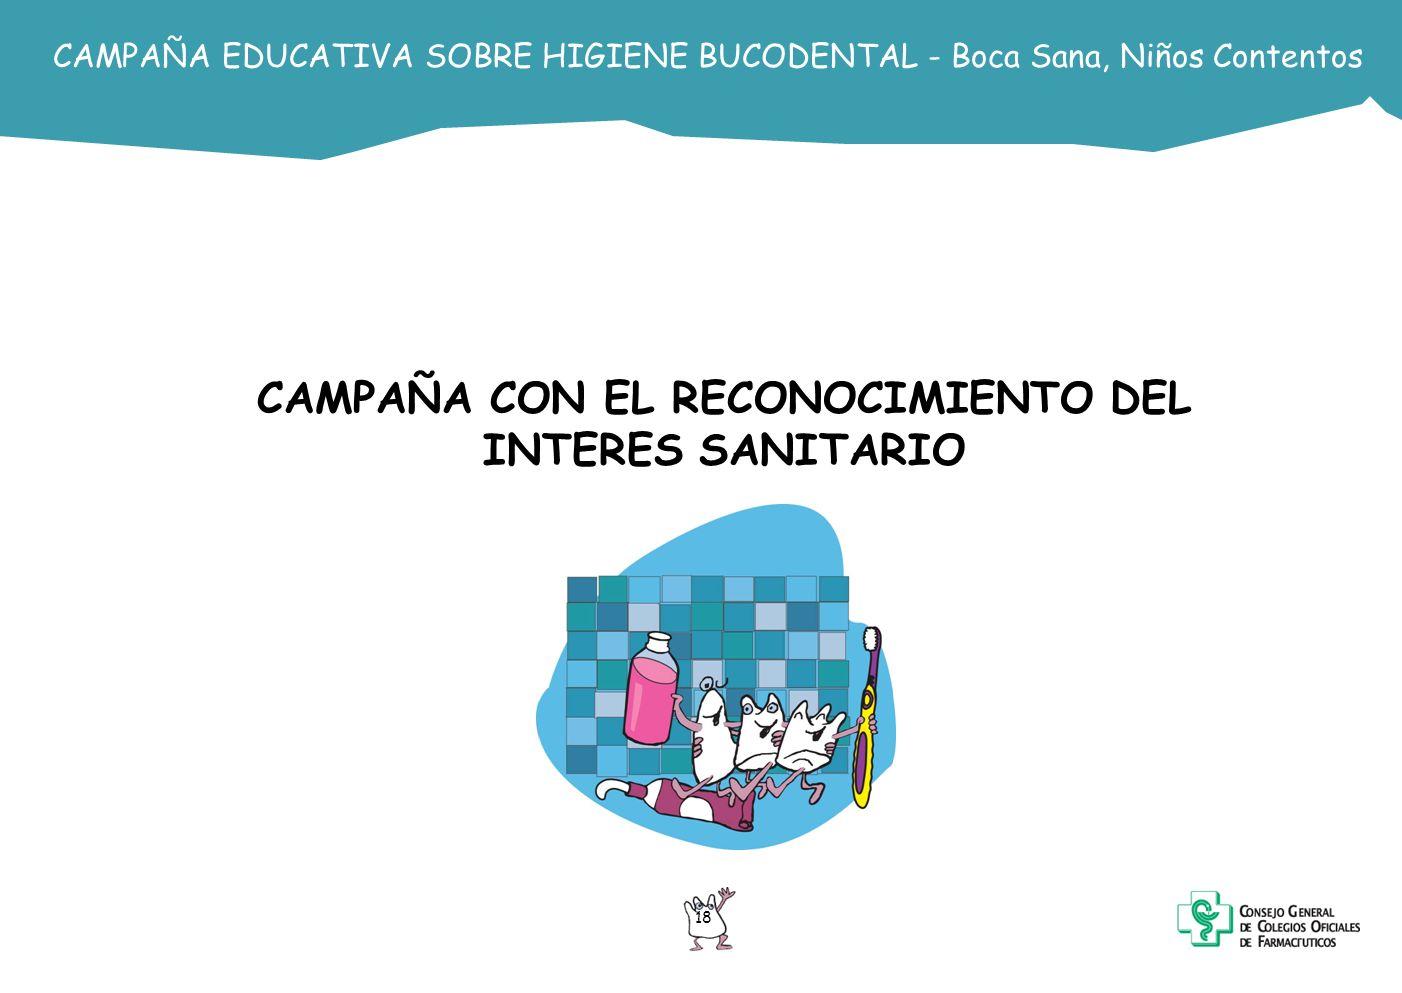 CAMPAÑA CON EL RECONOCIMIENTO DEL INTERES SANITARIO